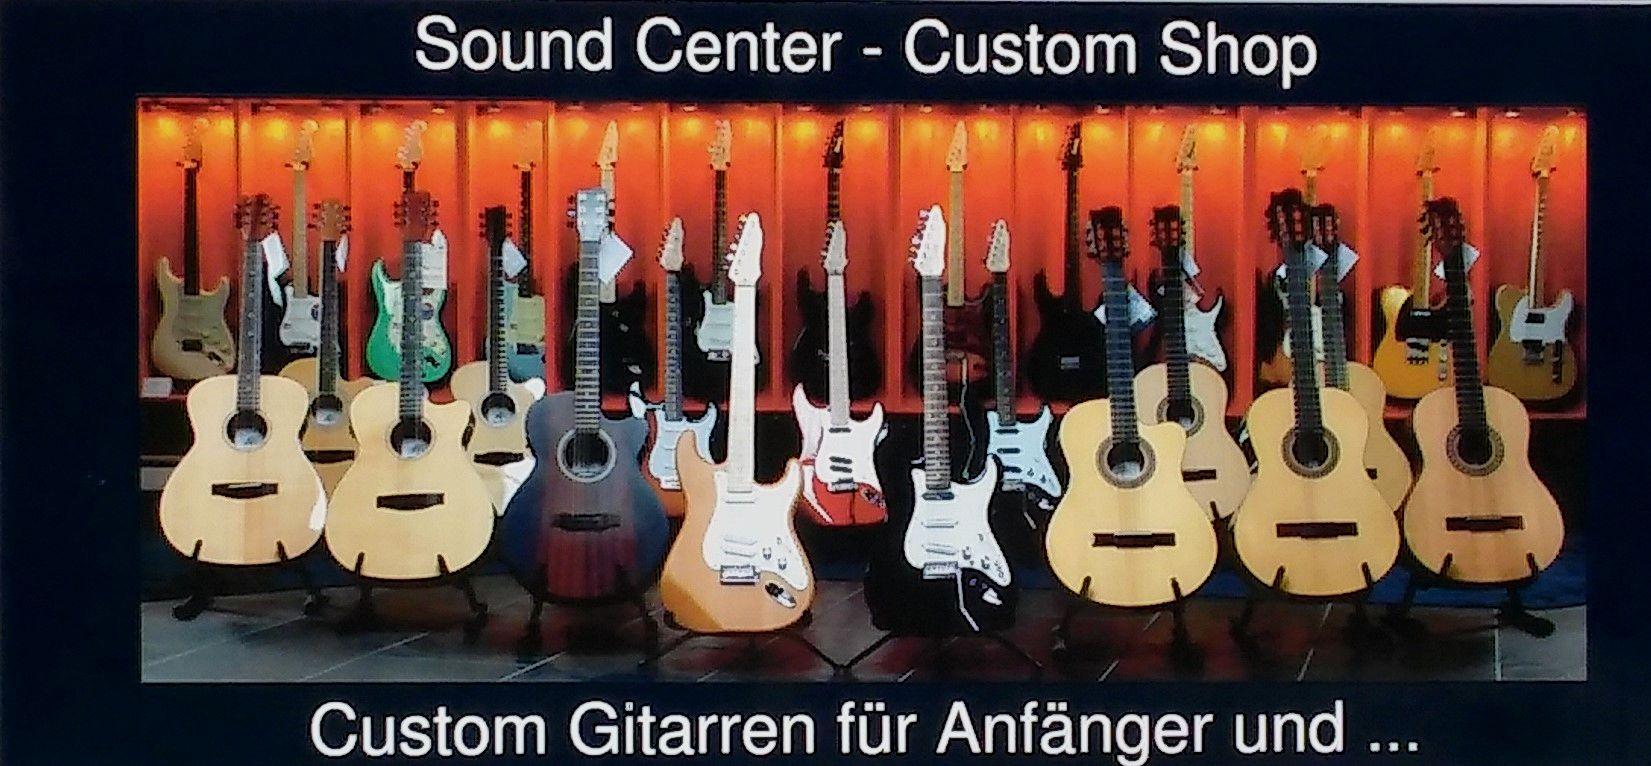 Sound Center - Custom Shop